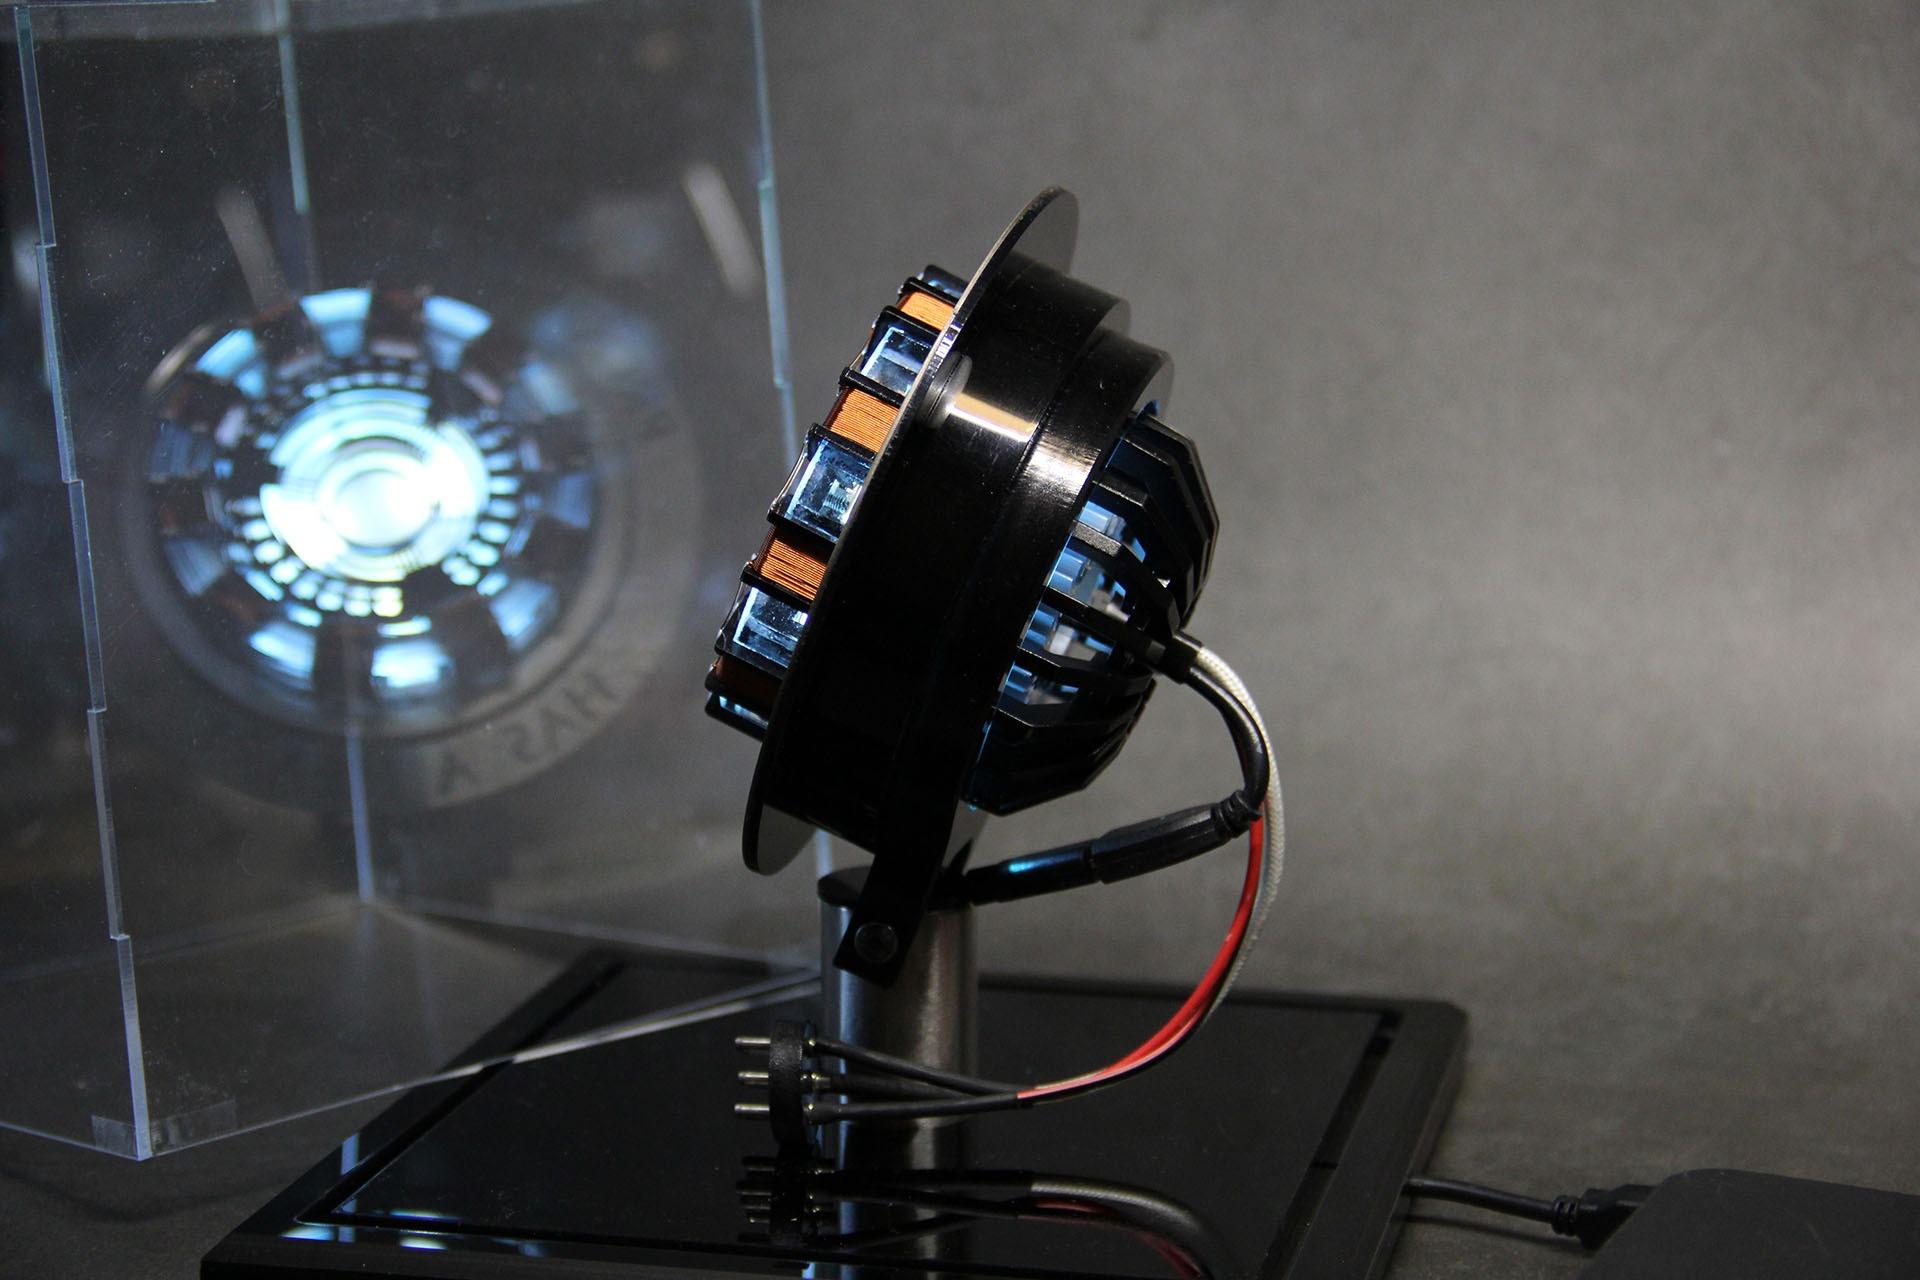 Reactor de Arco Tony Stark con luz LED 2020 5